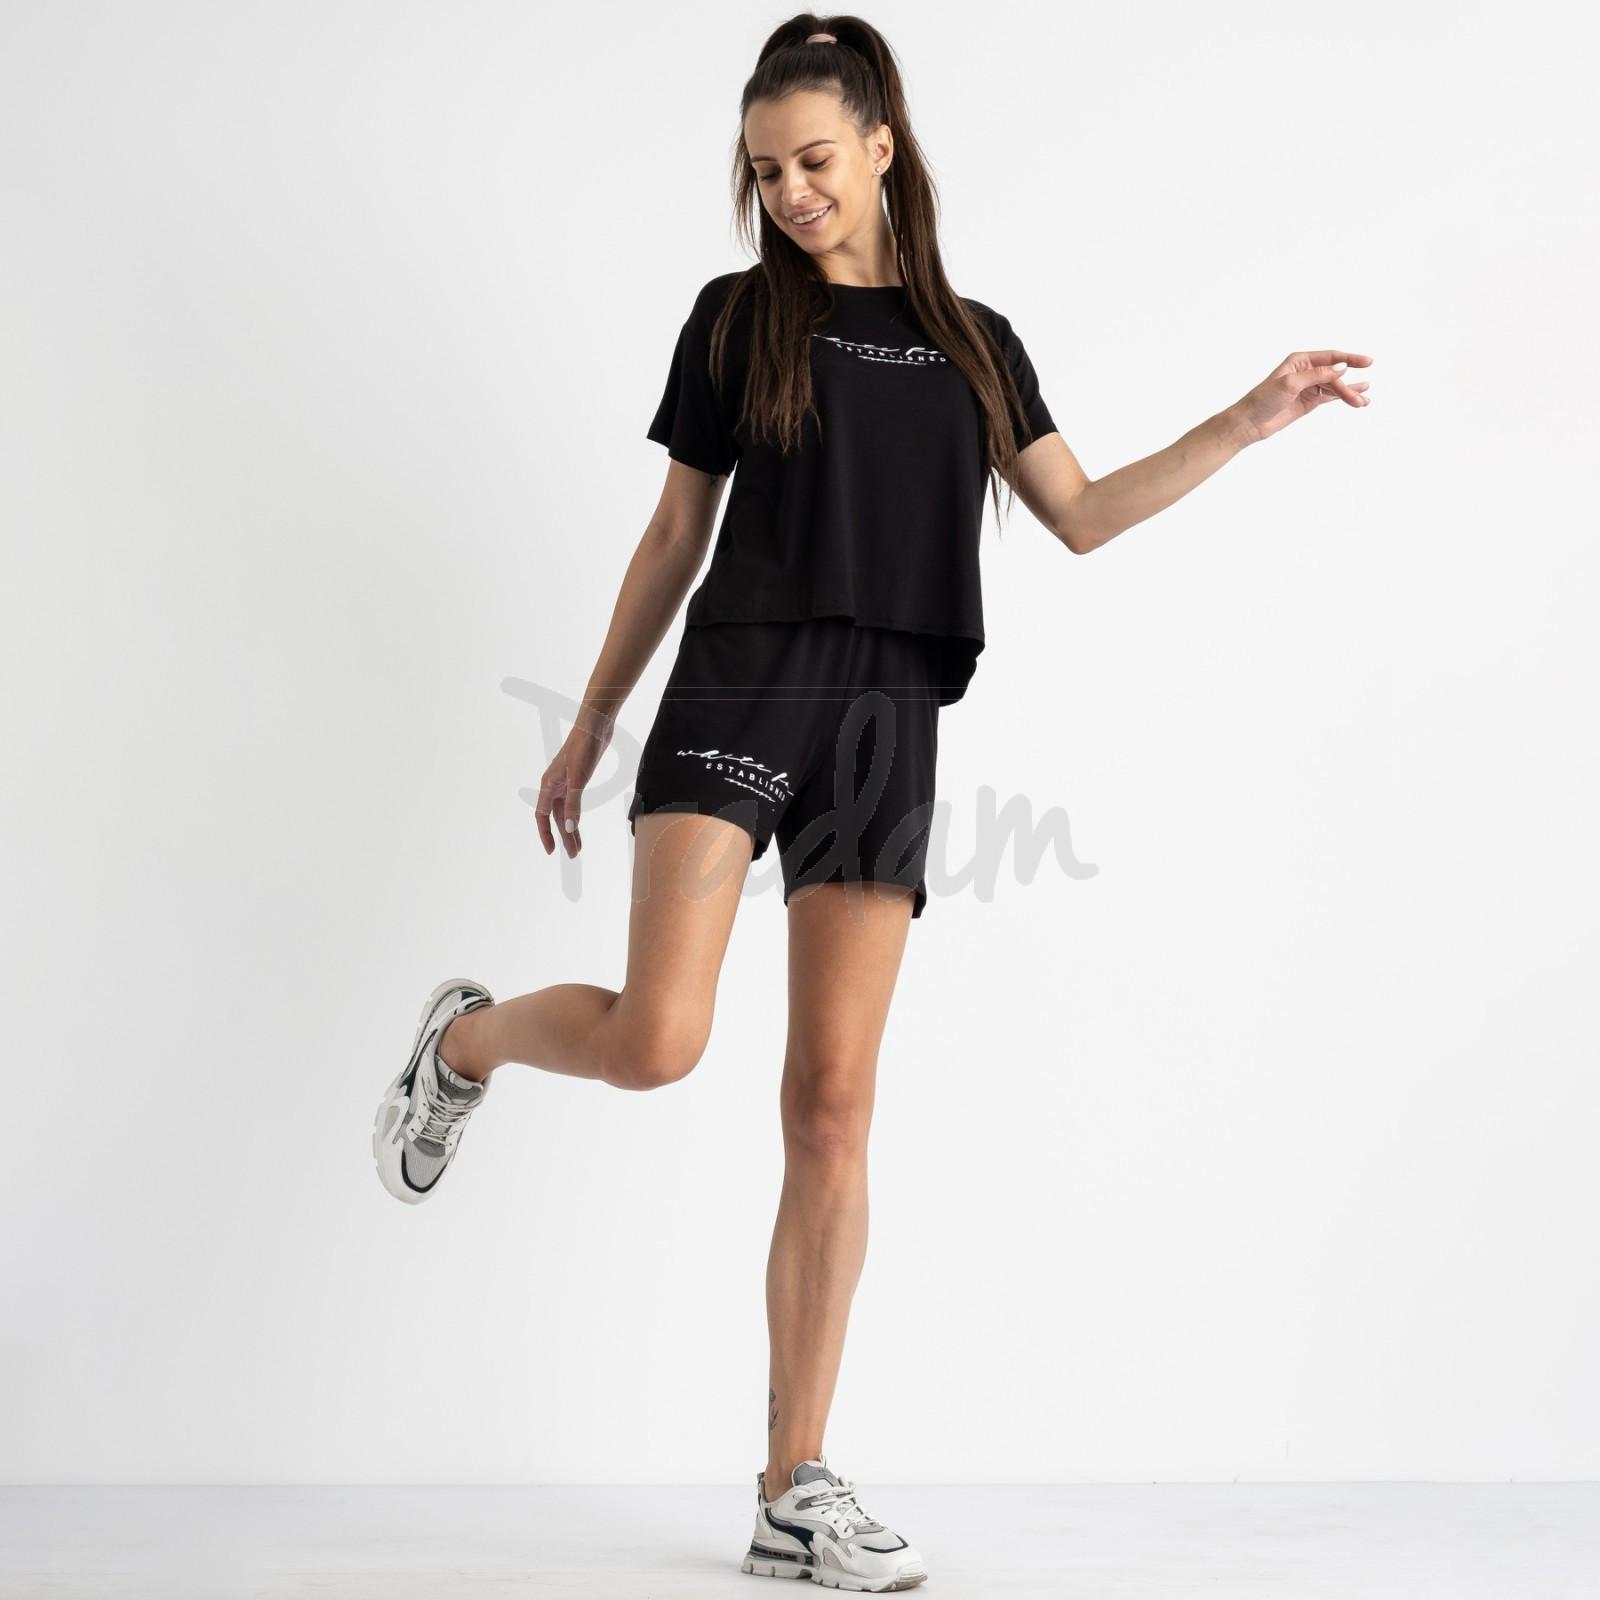 8340-1 черный женский костюм  трикотажный (4 ед. размеры: 42.44.46.48)